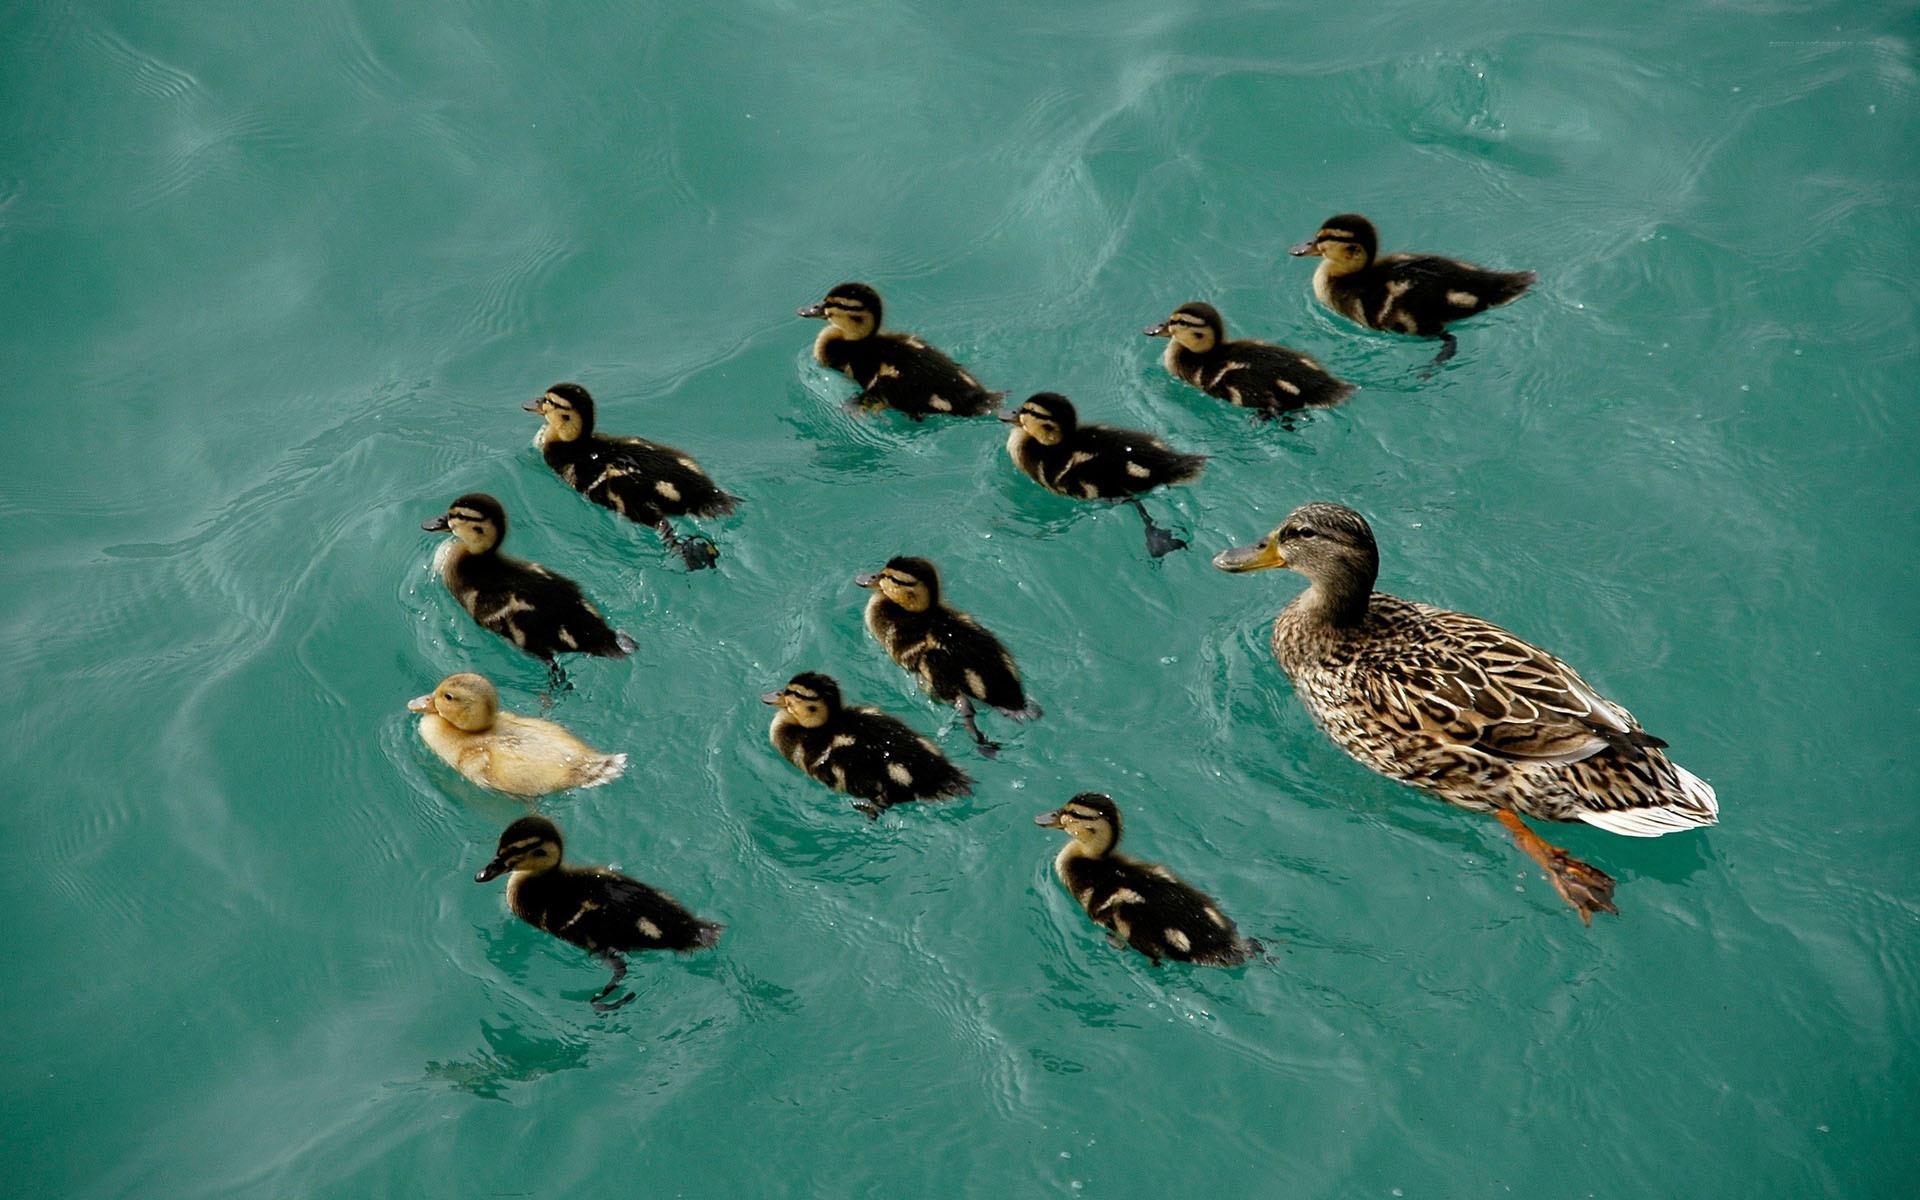 duck photos